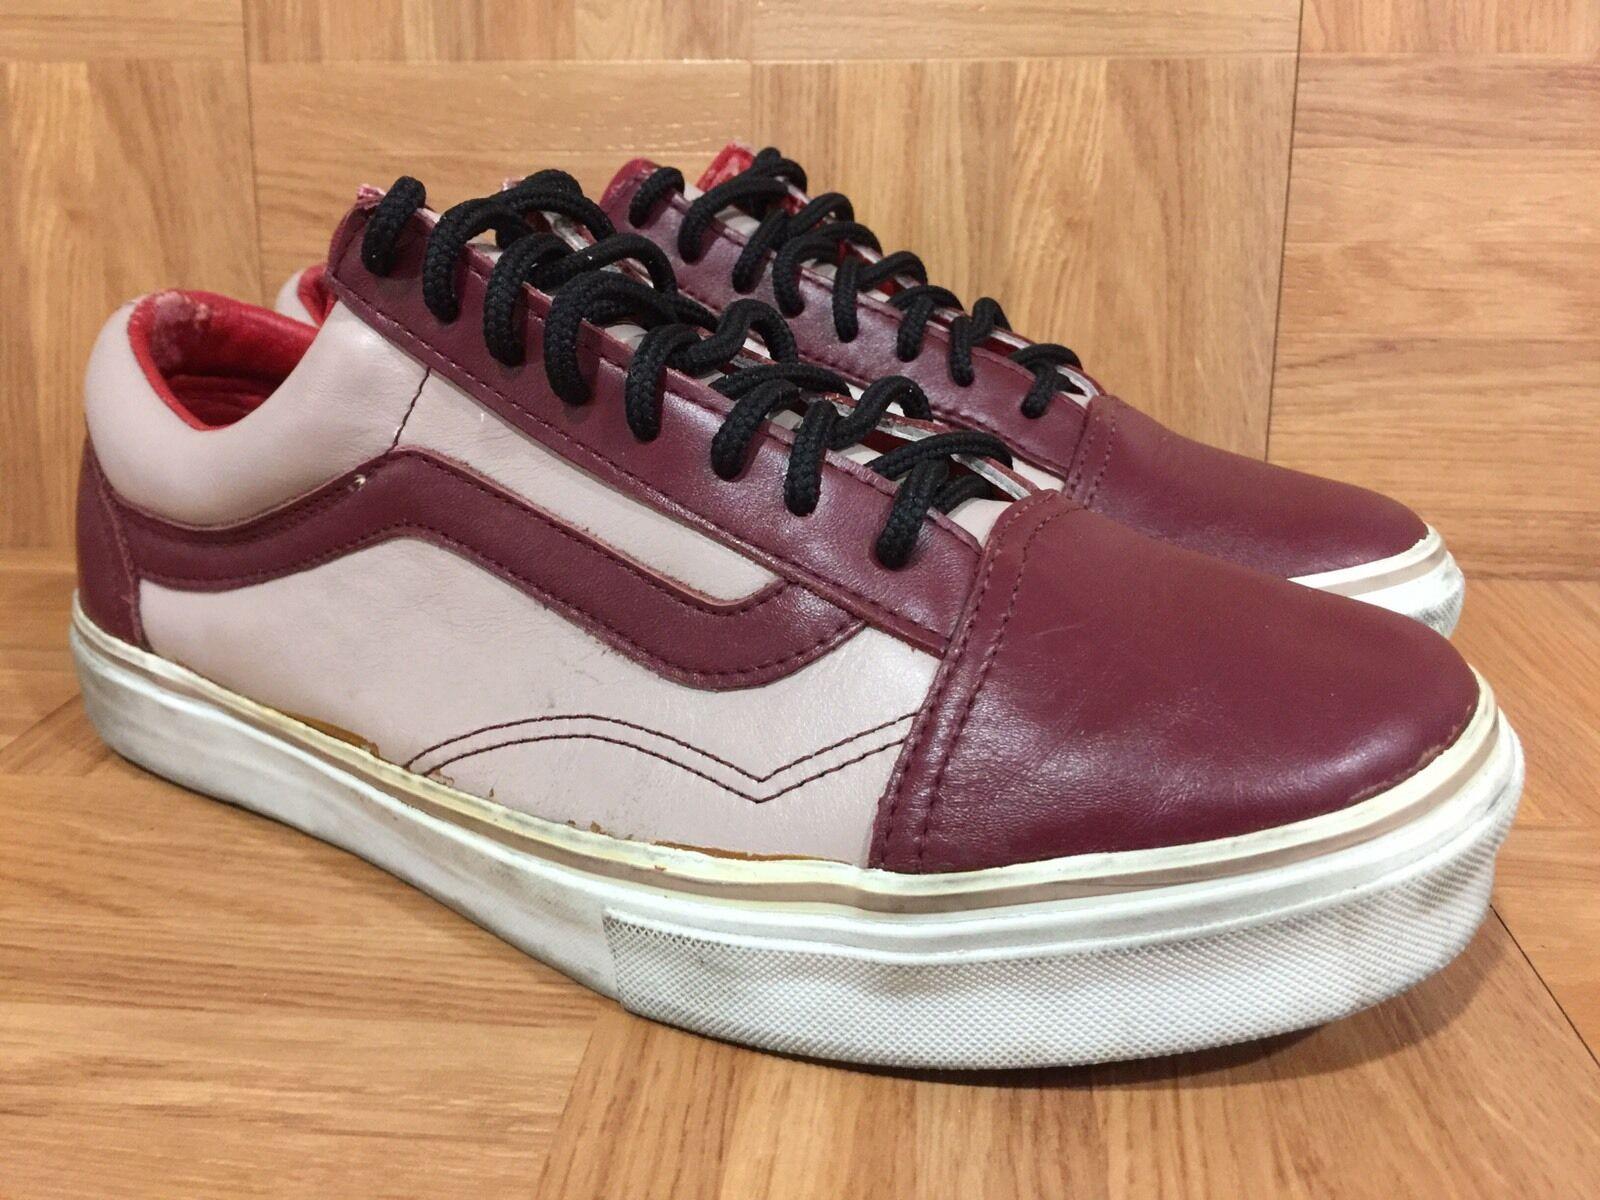 RARE VANS Old Skool Vault Burgundy Premium Leather Pink Sz 10.5 Vintage VTG LE